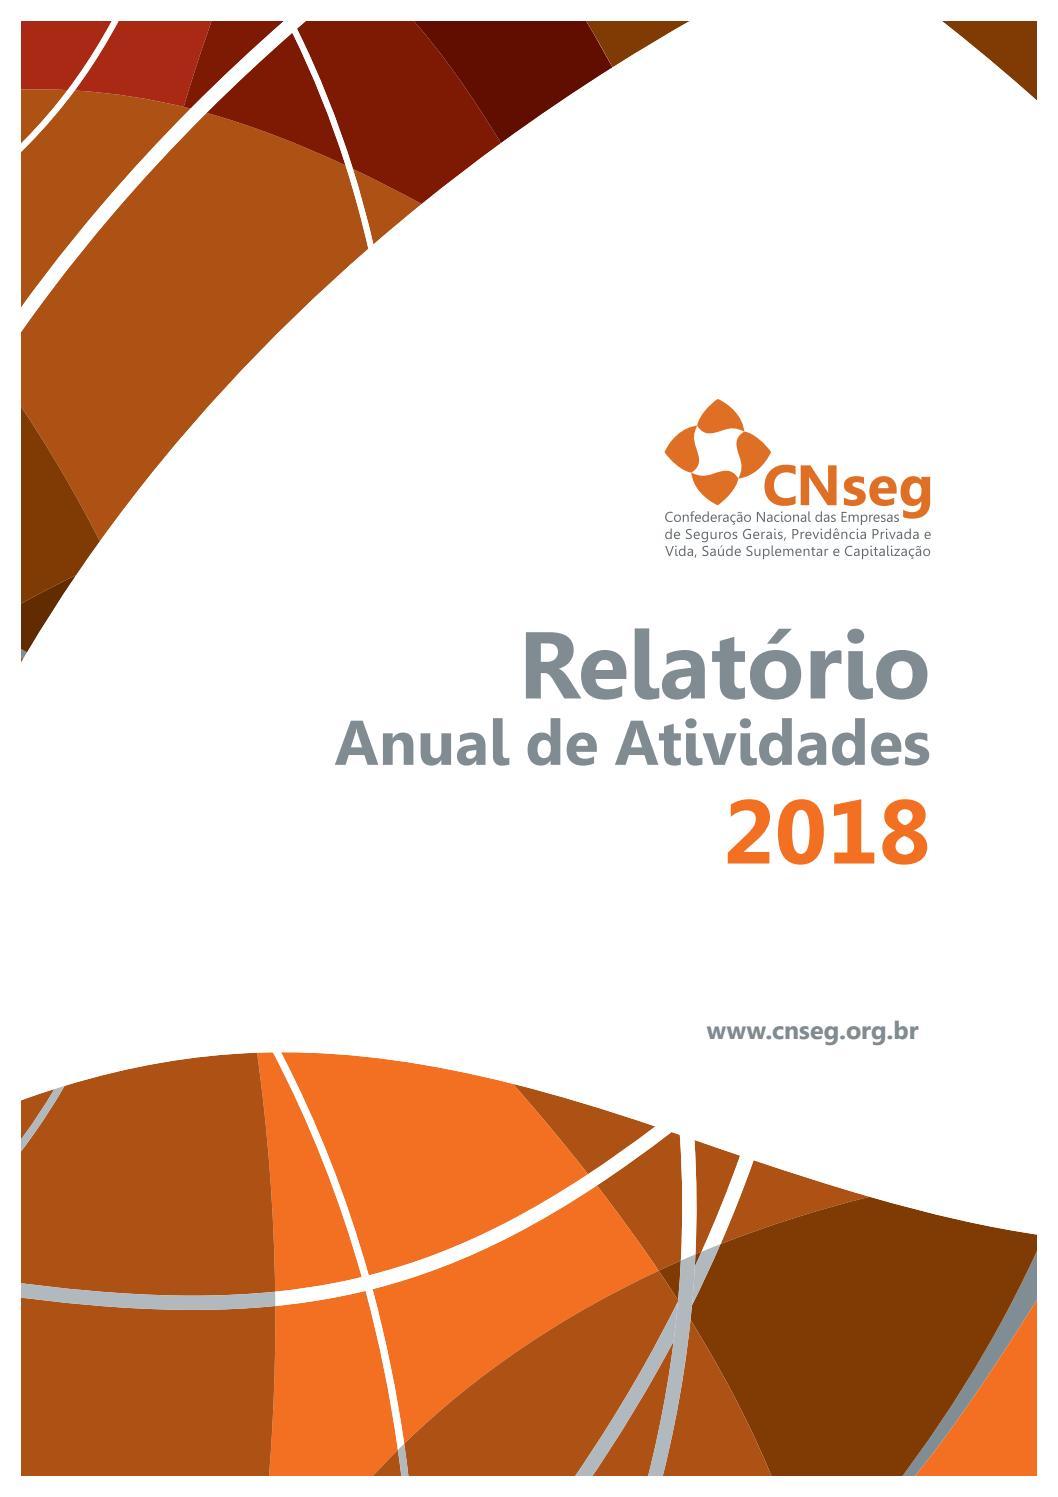 e69eacfed Relatório Anual de Atividades 2018 by CNseg - issuu